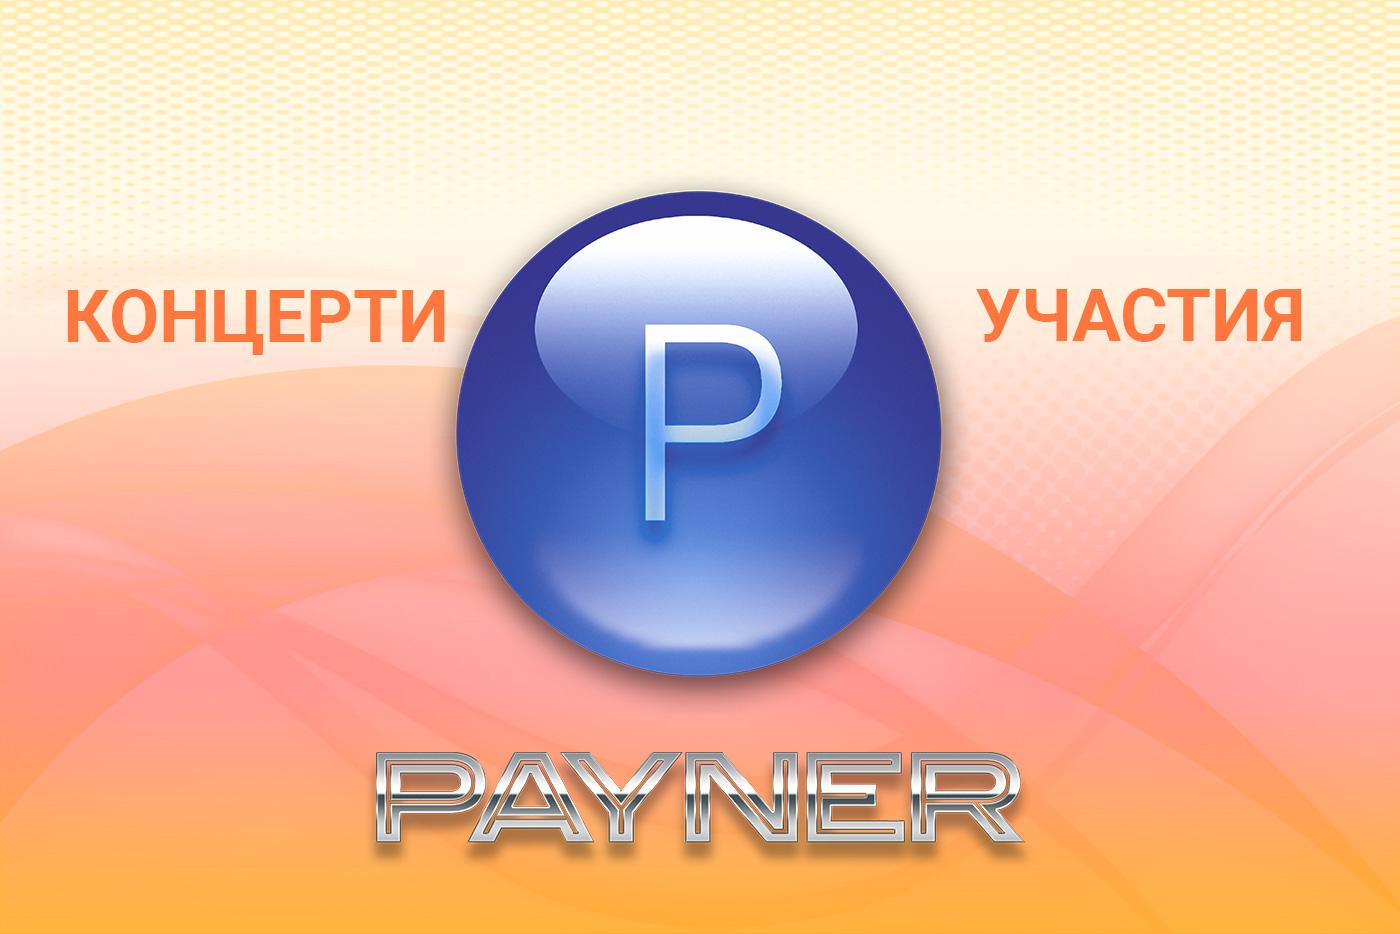 """Участия на звездите на """"Пайнер"""" на 30.11.2018"""